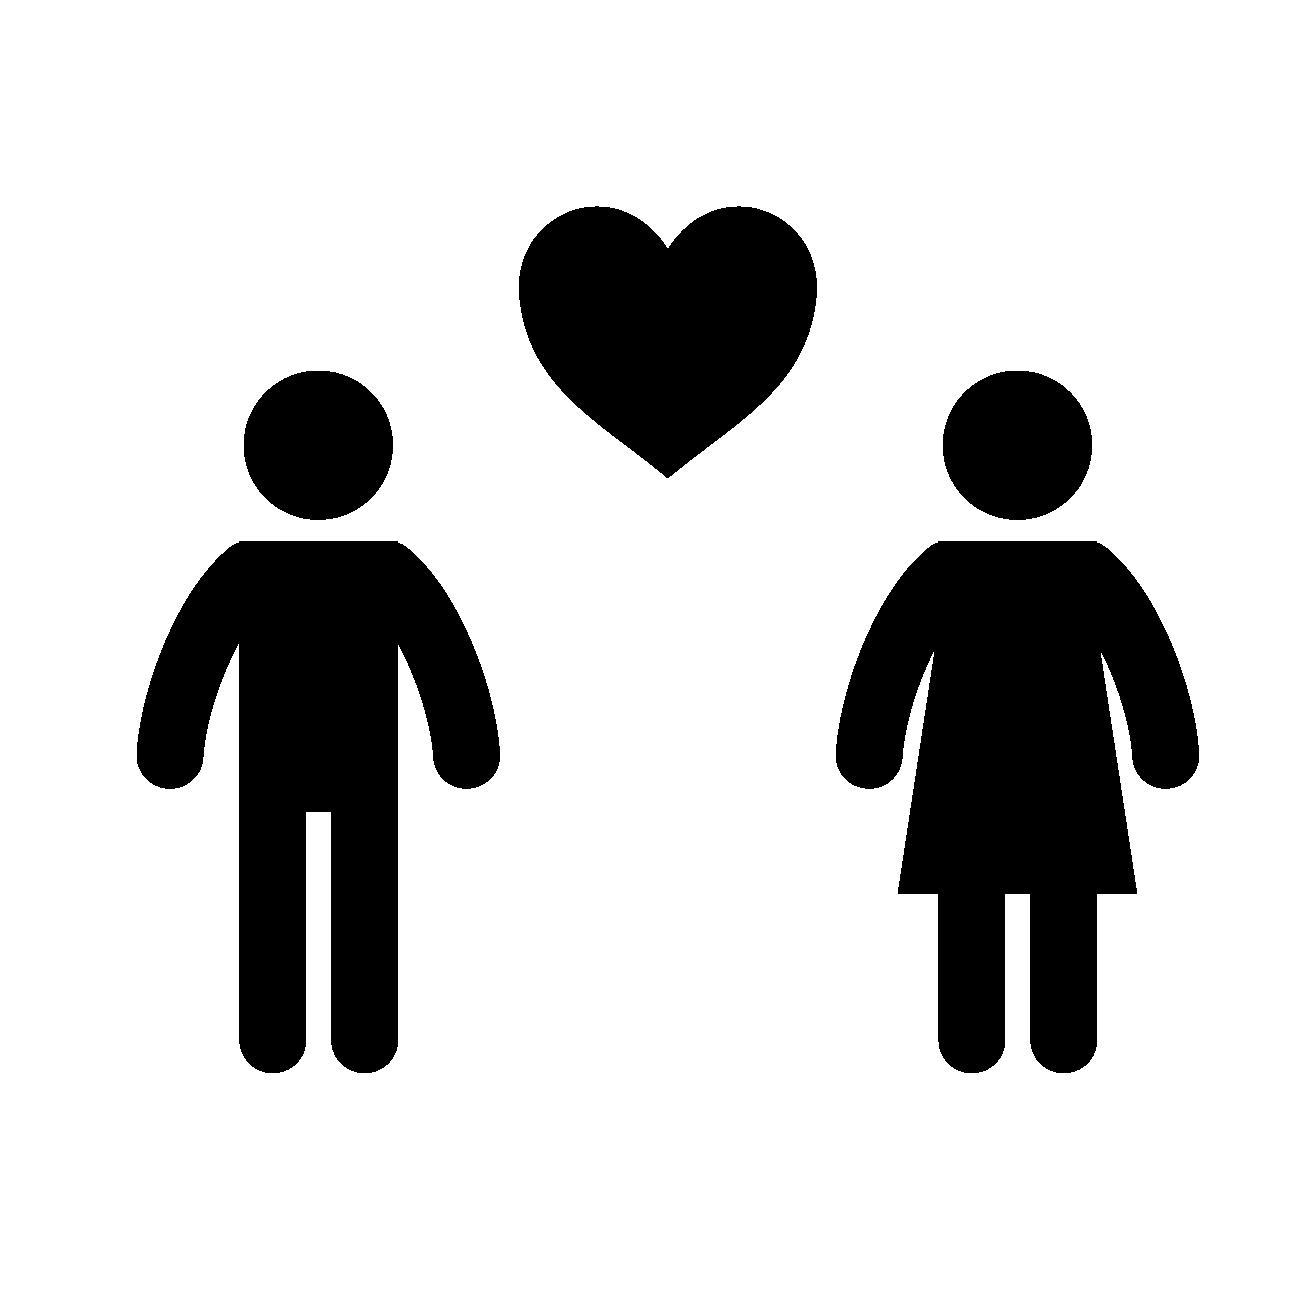 熱愛・結婚のうわさ